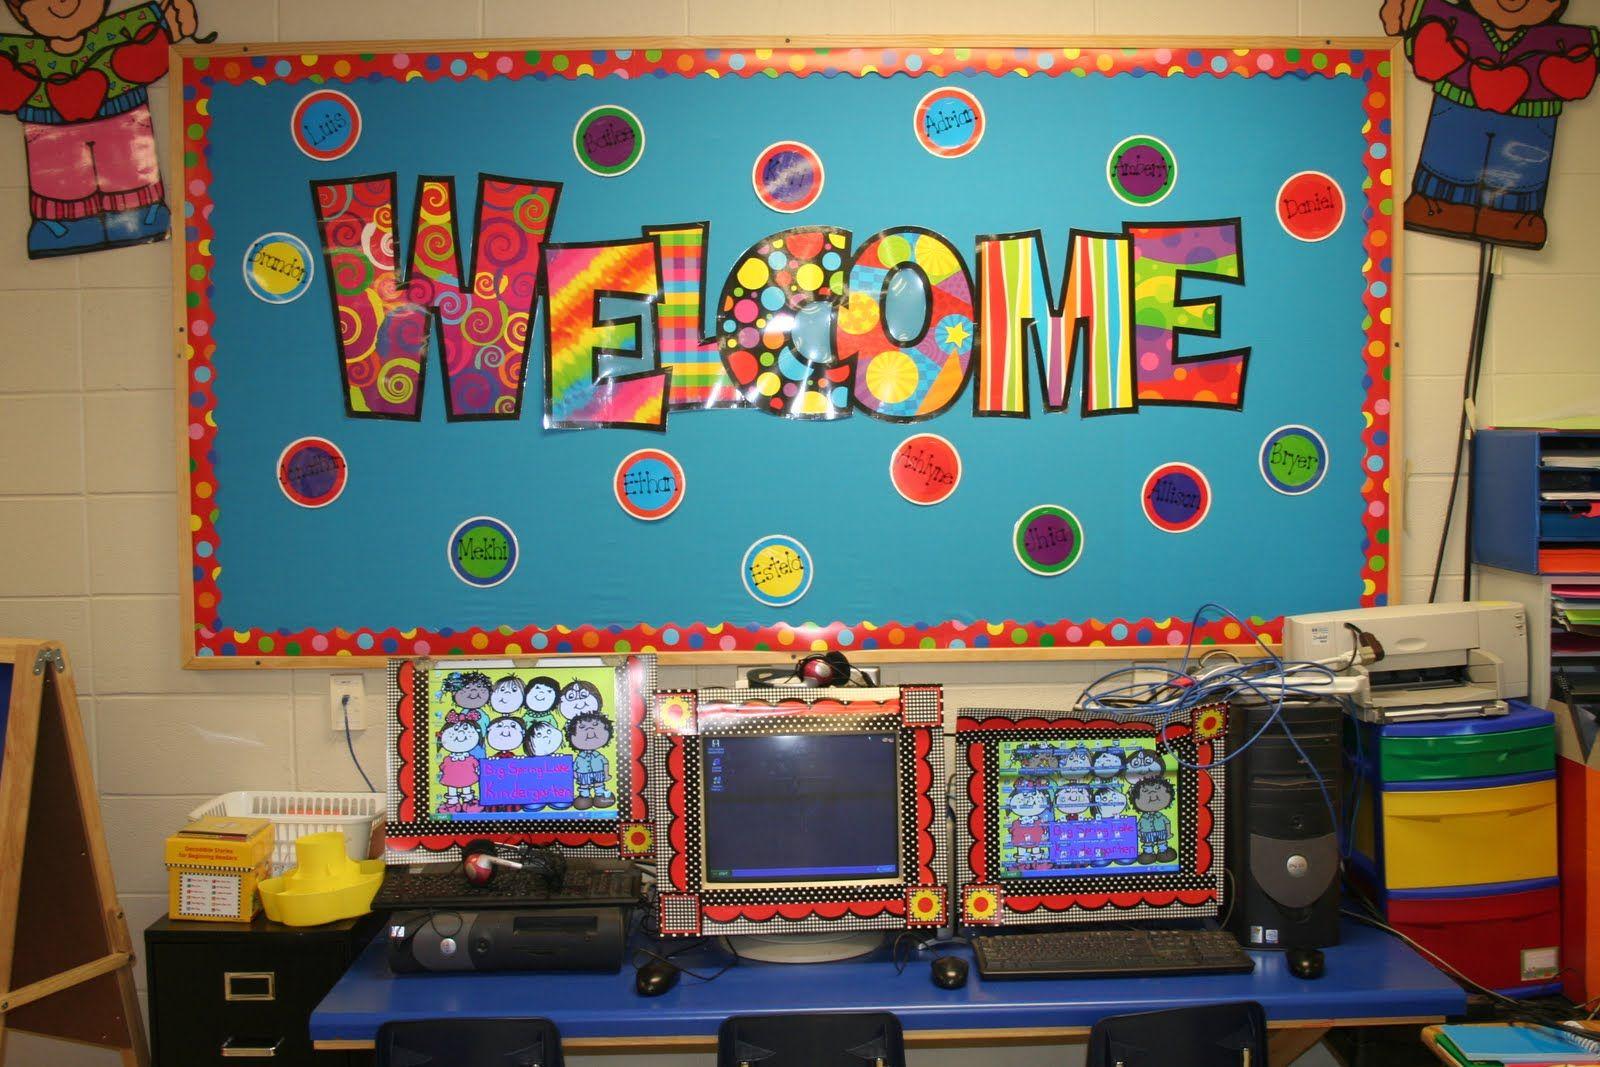 Img 9454 Jpg 1600 1067 Classroom Wall Decor School Wall